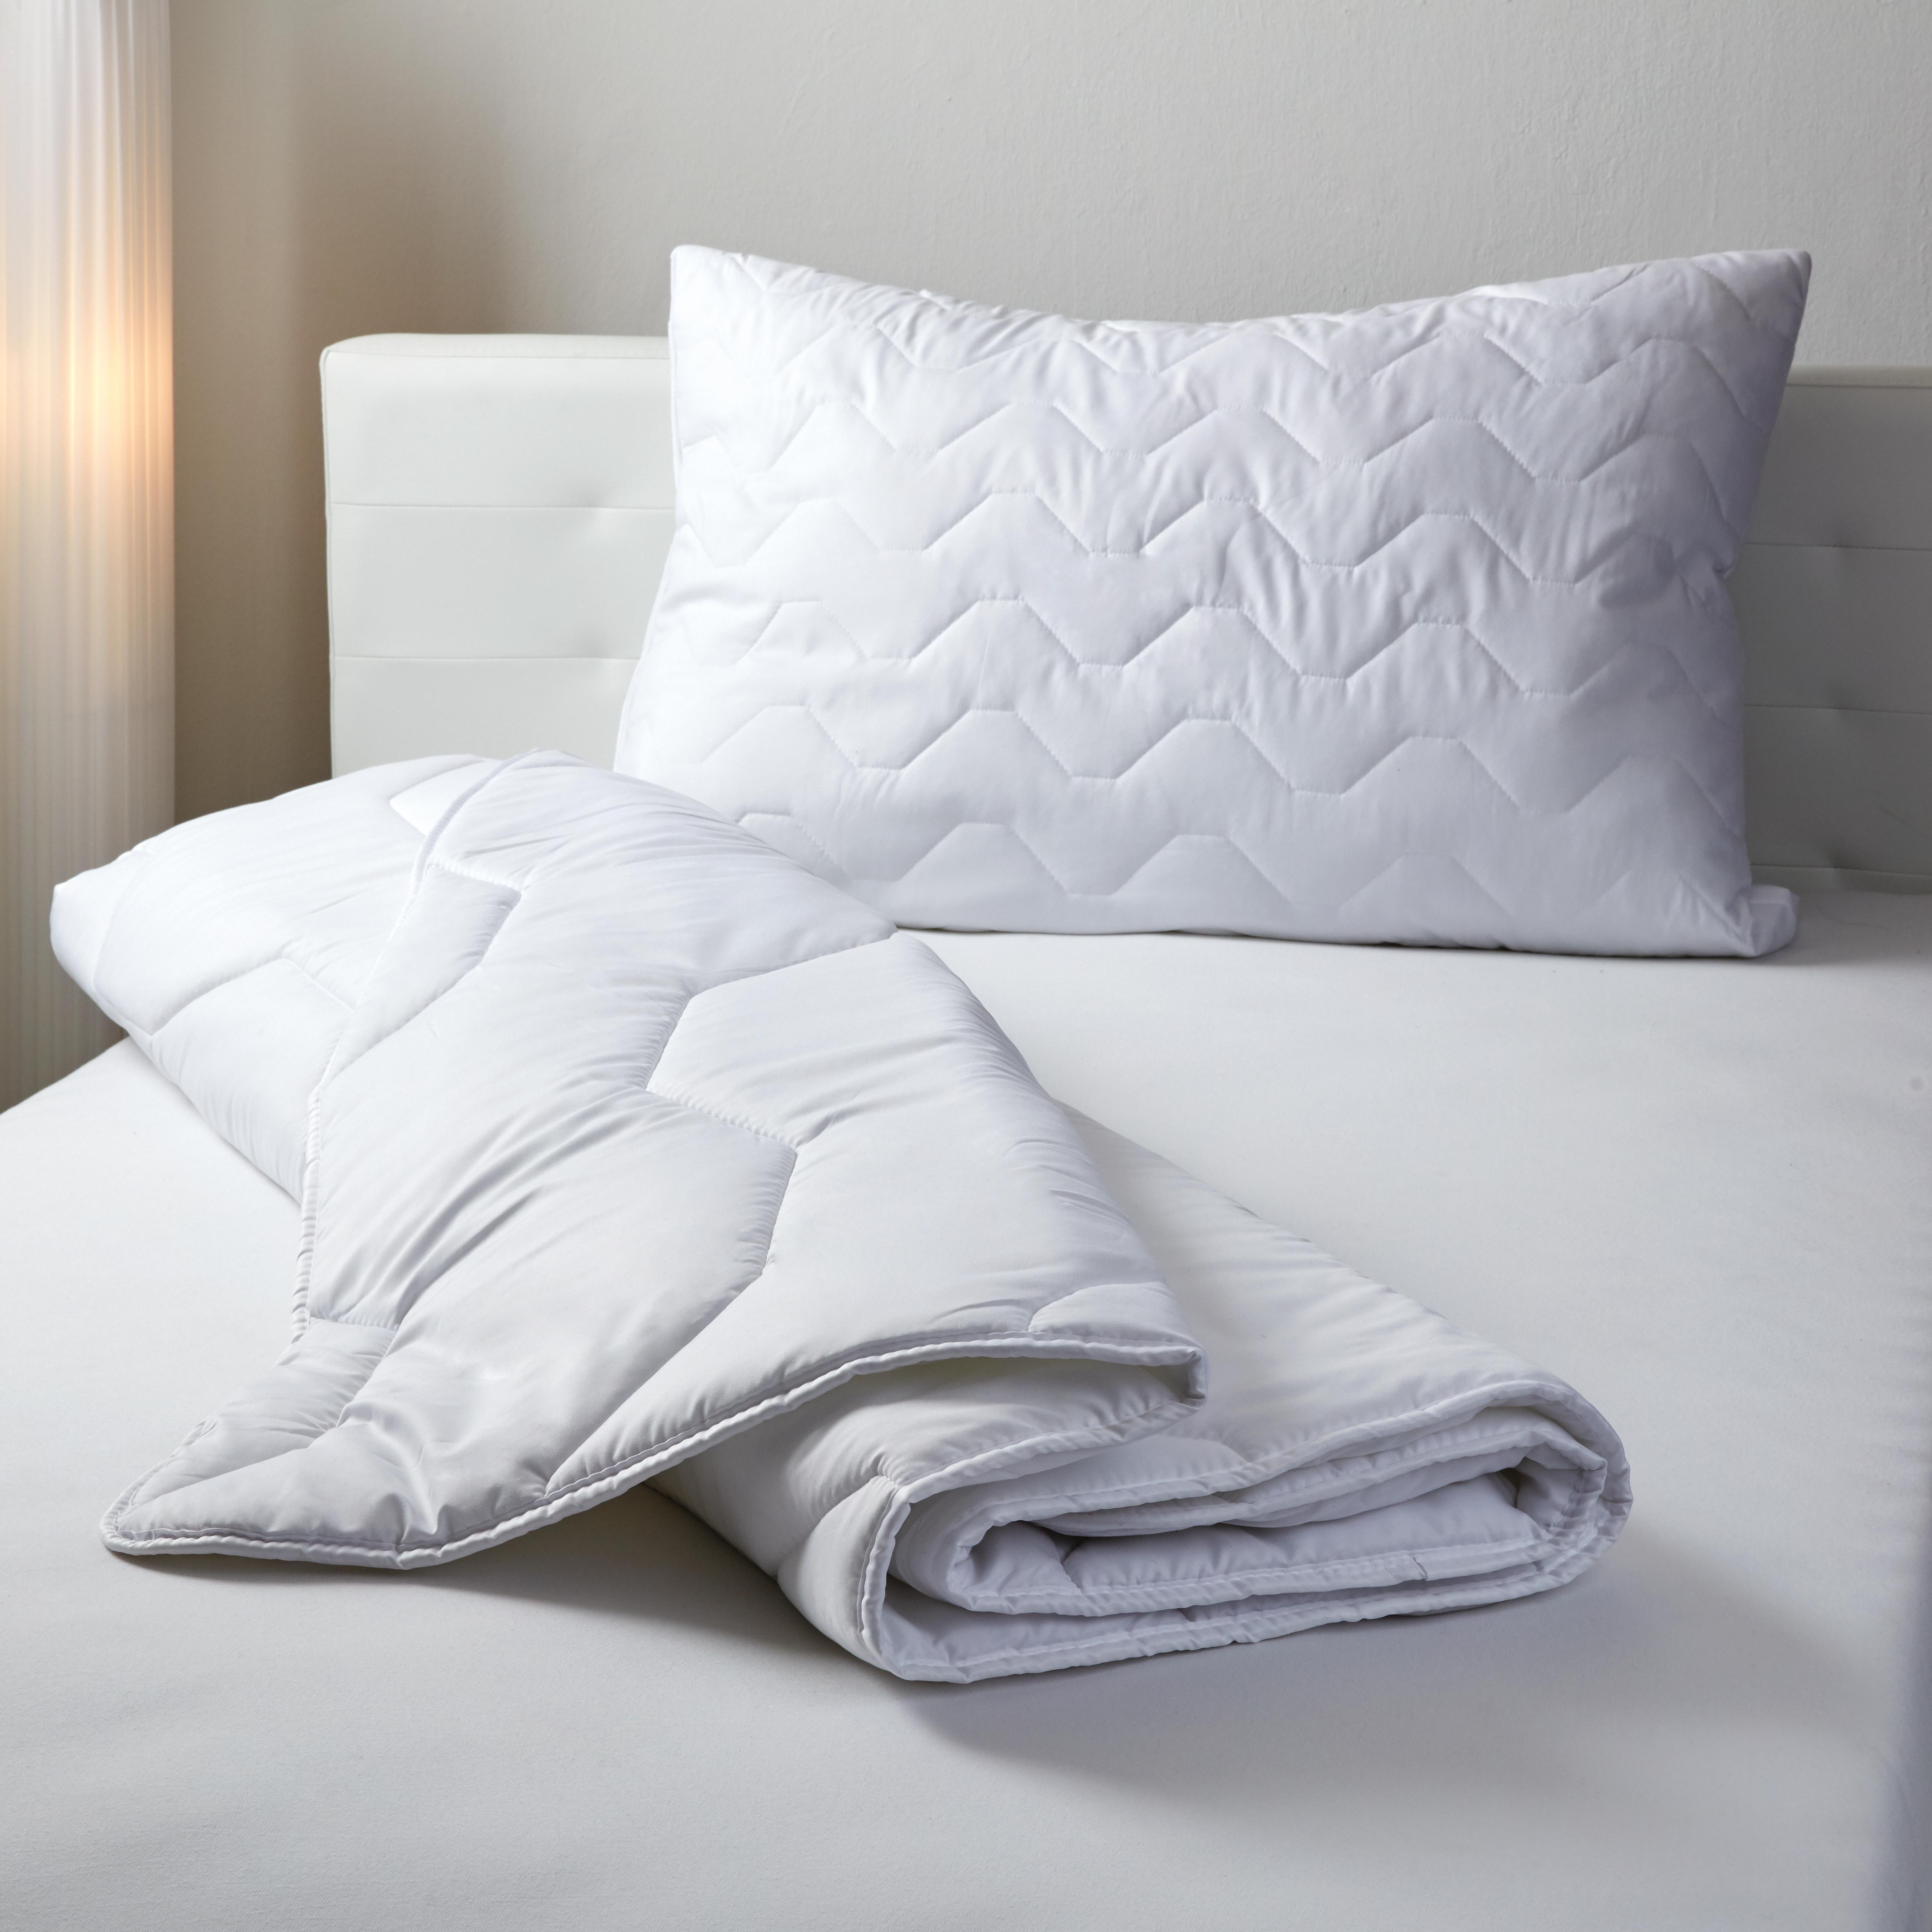 Bettdecke auf Bett